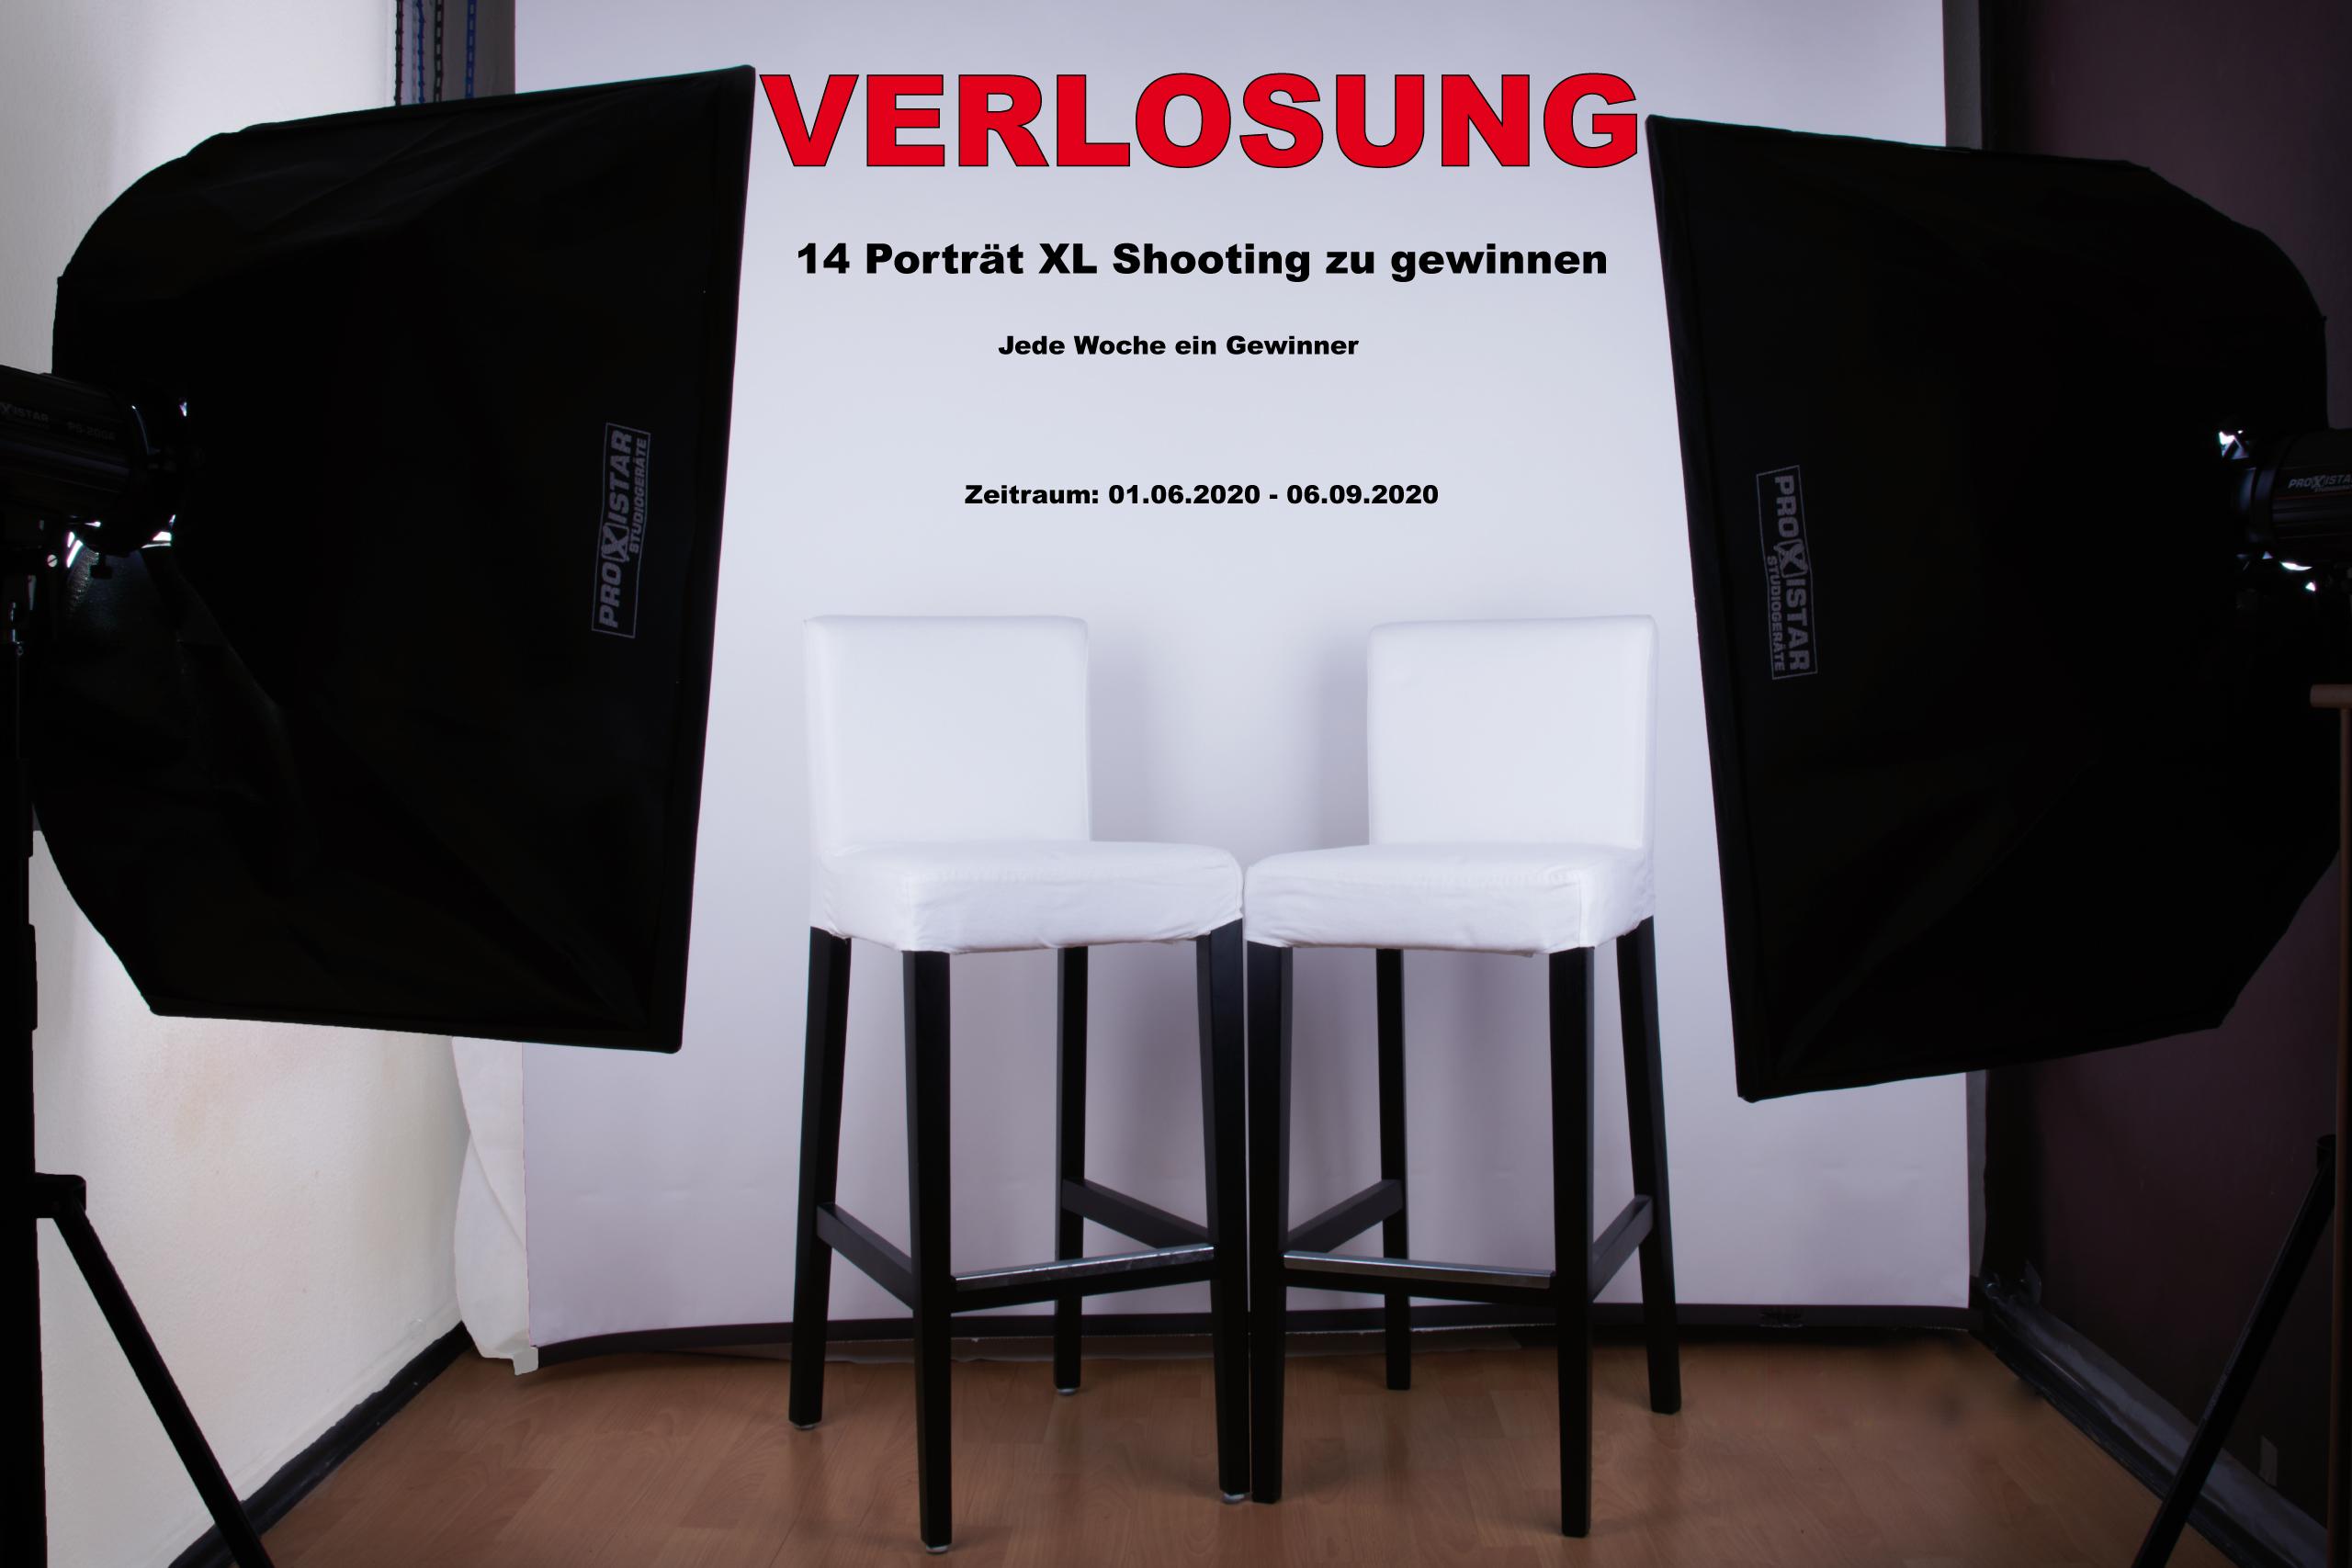 Verlosung 14 Porträt XLShootings   © 2020 by Karl - Heinz Schultze (KHSFotographie)